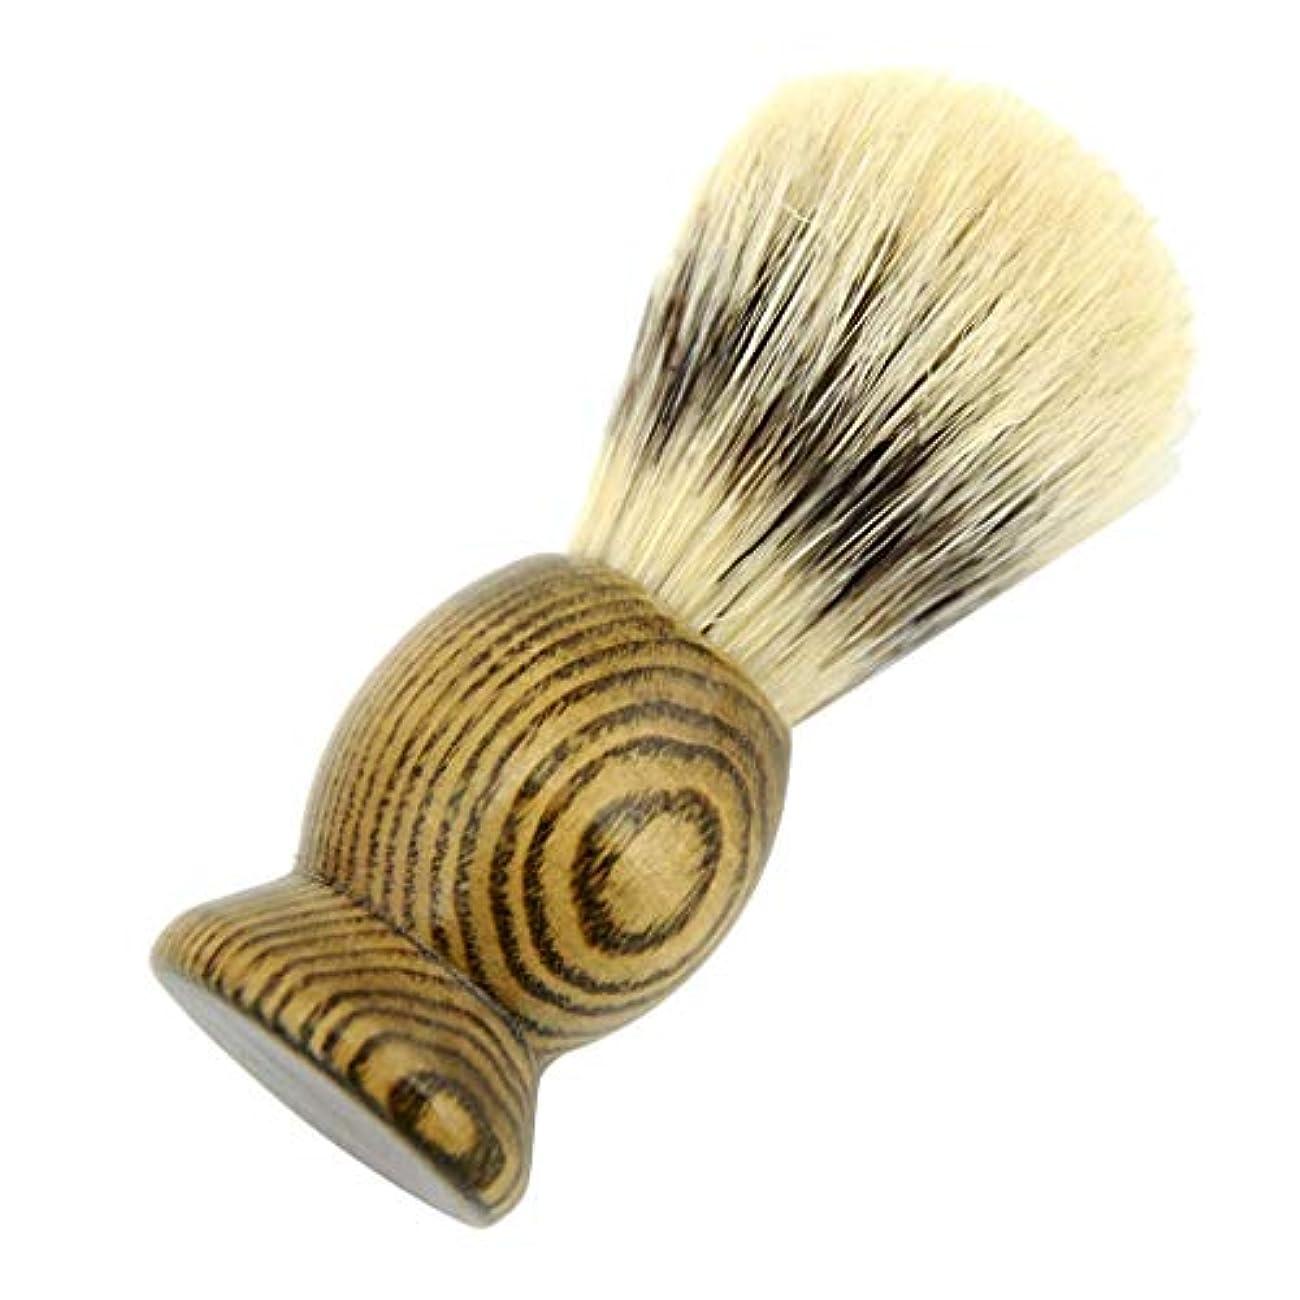 尊厳雨ご注意Baoblaze メンズ シェービング用ブラシ 理容 洗顔 髭剃り 泡立ち サロン 家庭用 シェービング用アクセサリー